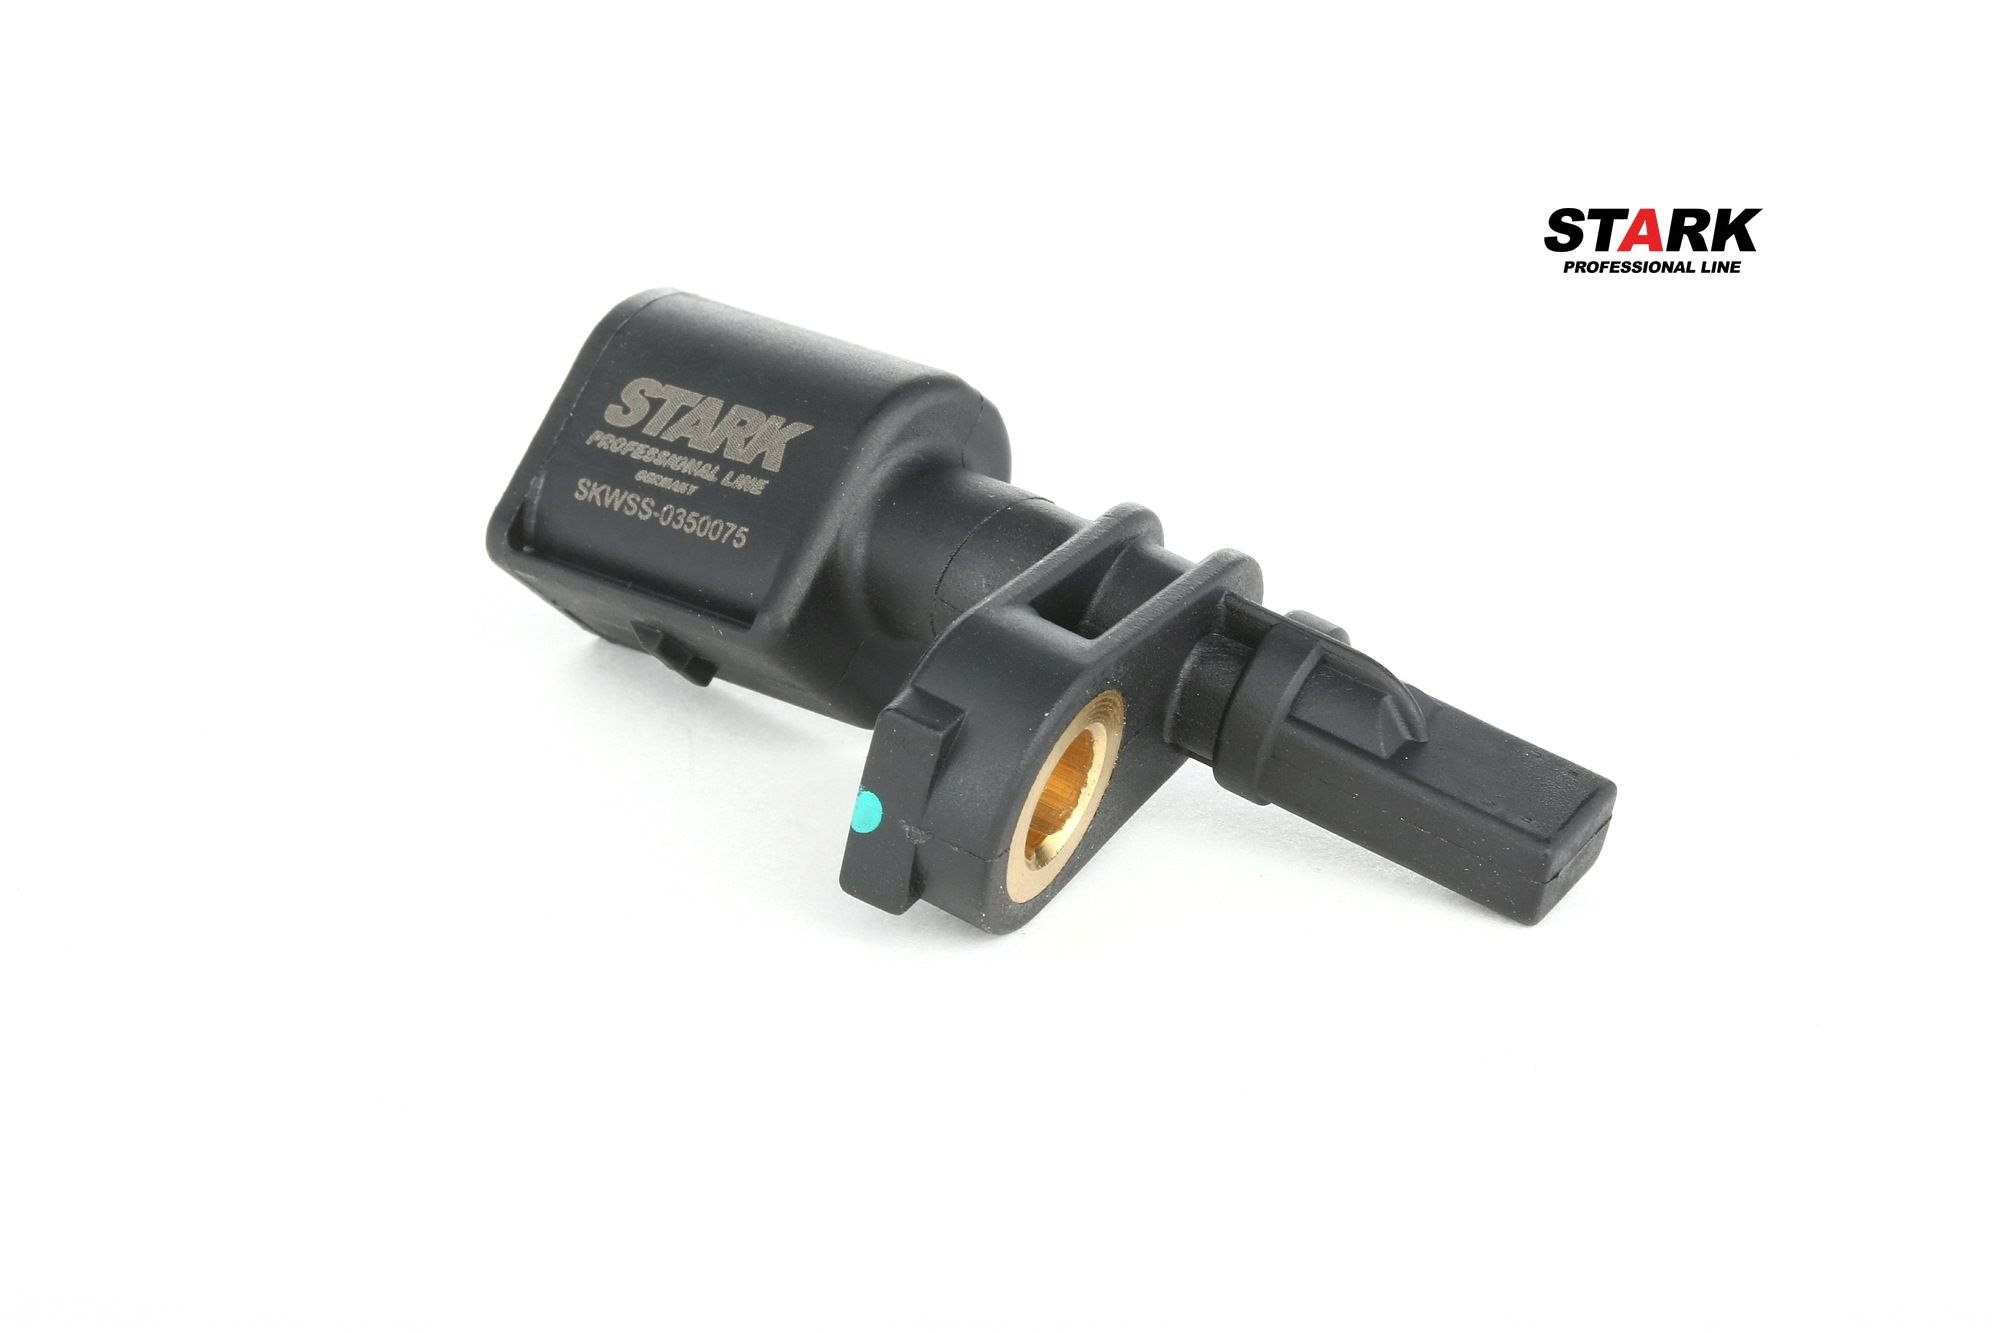 ESP Sensor STARK SKWSS-0350075 rating